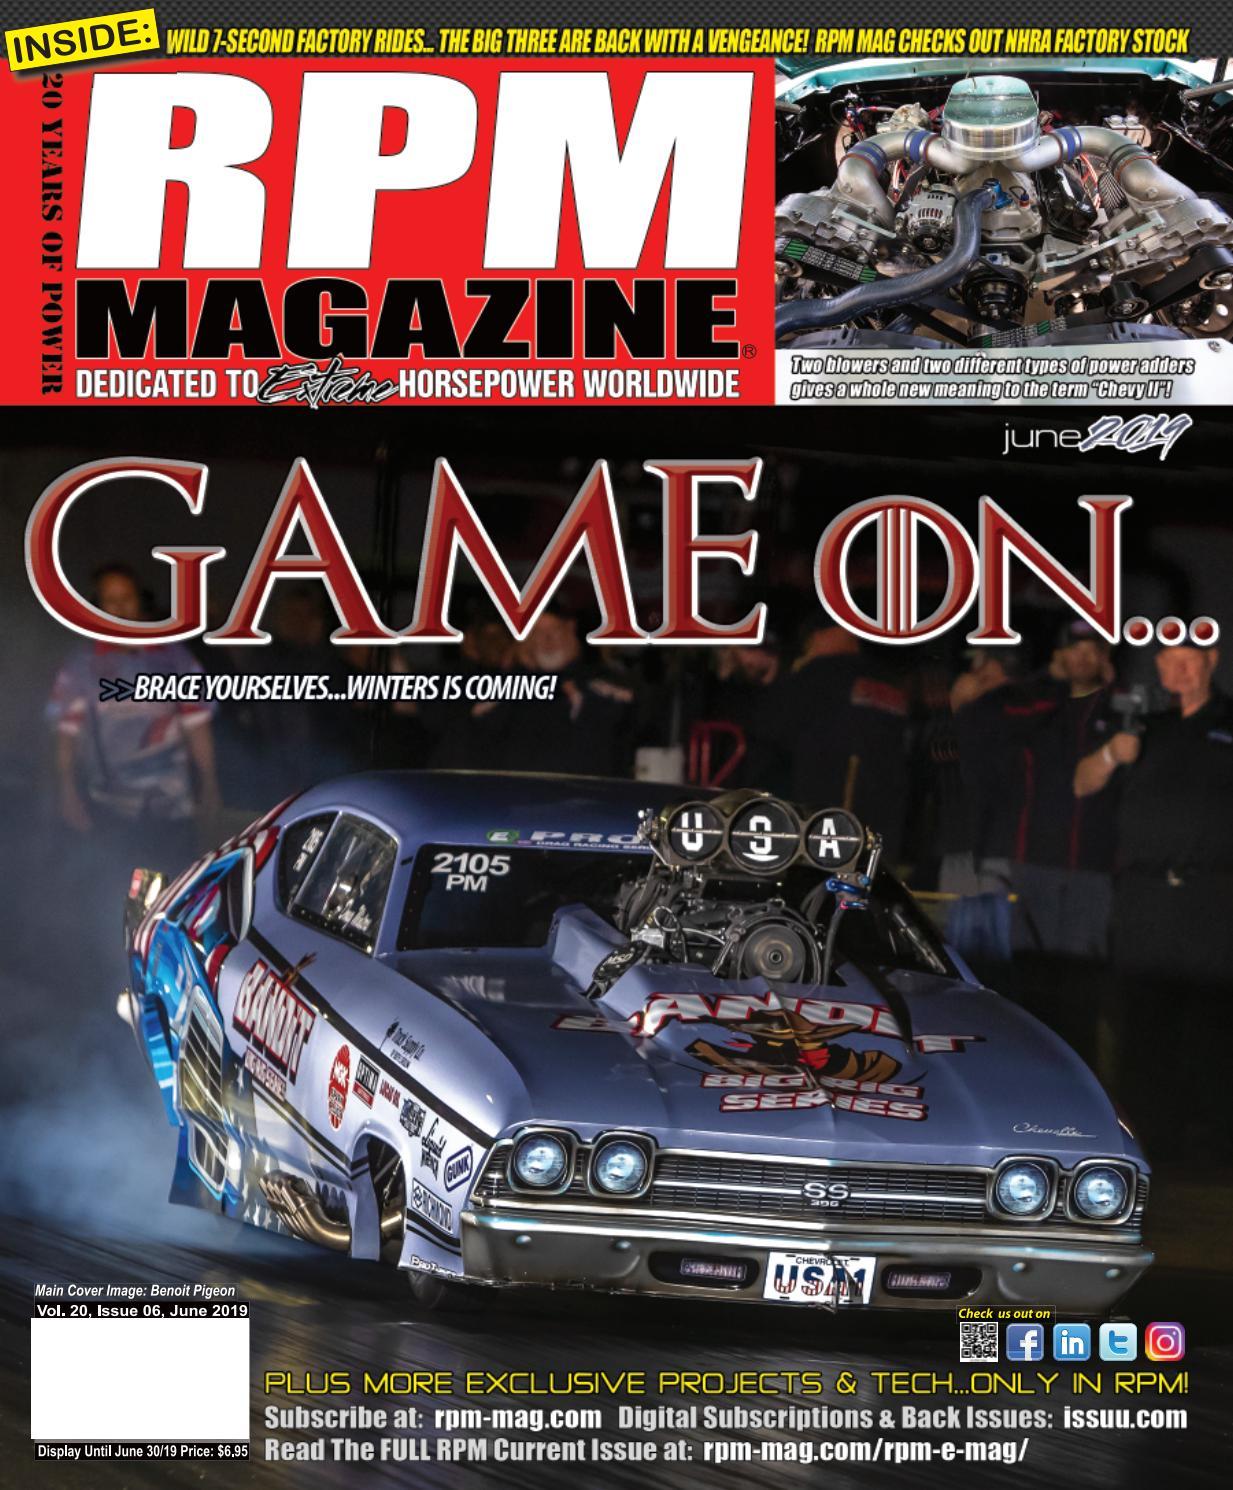 June 2019 RPM Magazine by RPM Magazine - issuu